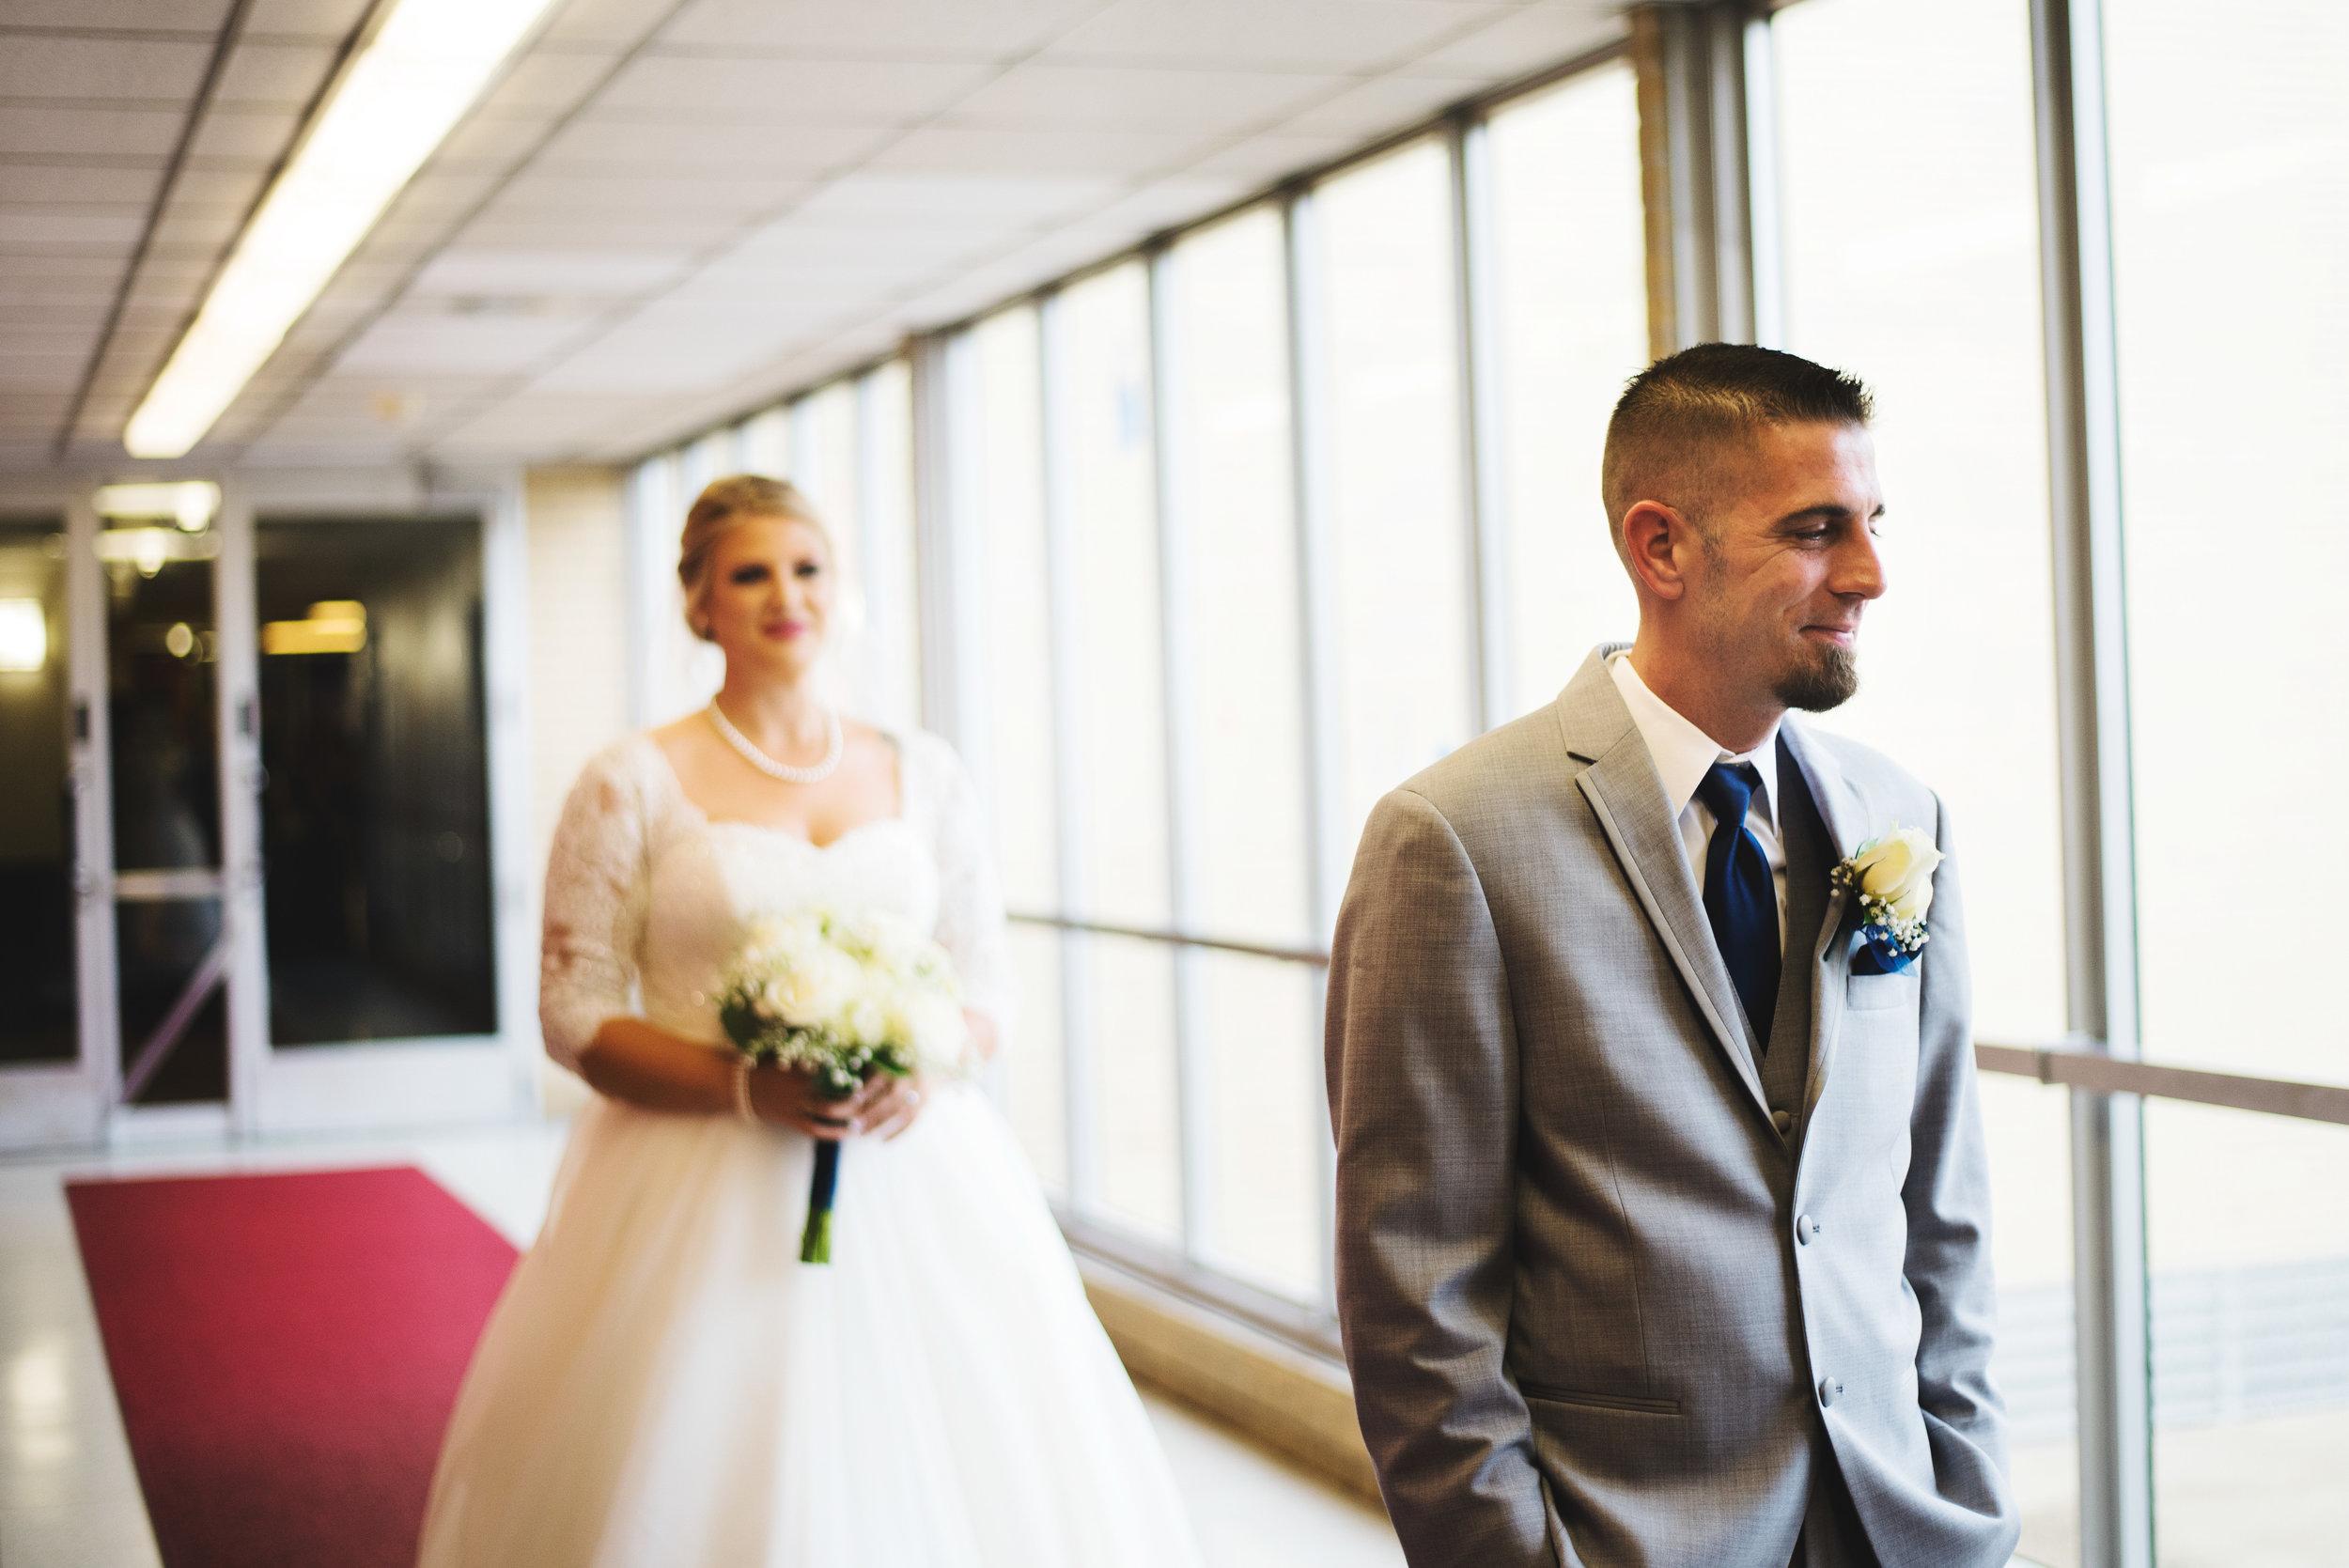 King-Northern-Illinois-University-Wedding027.jpg